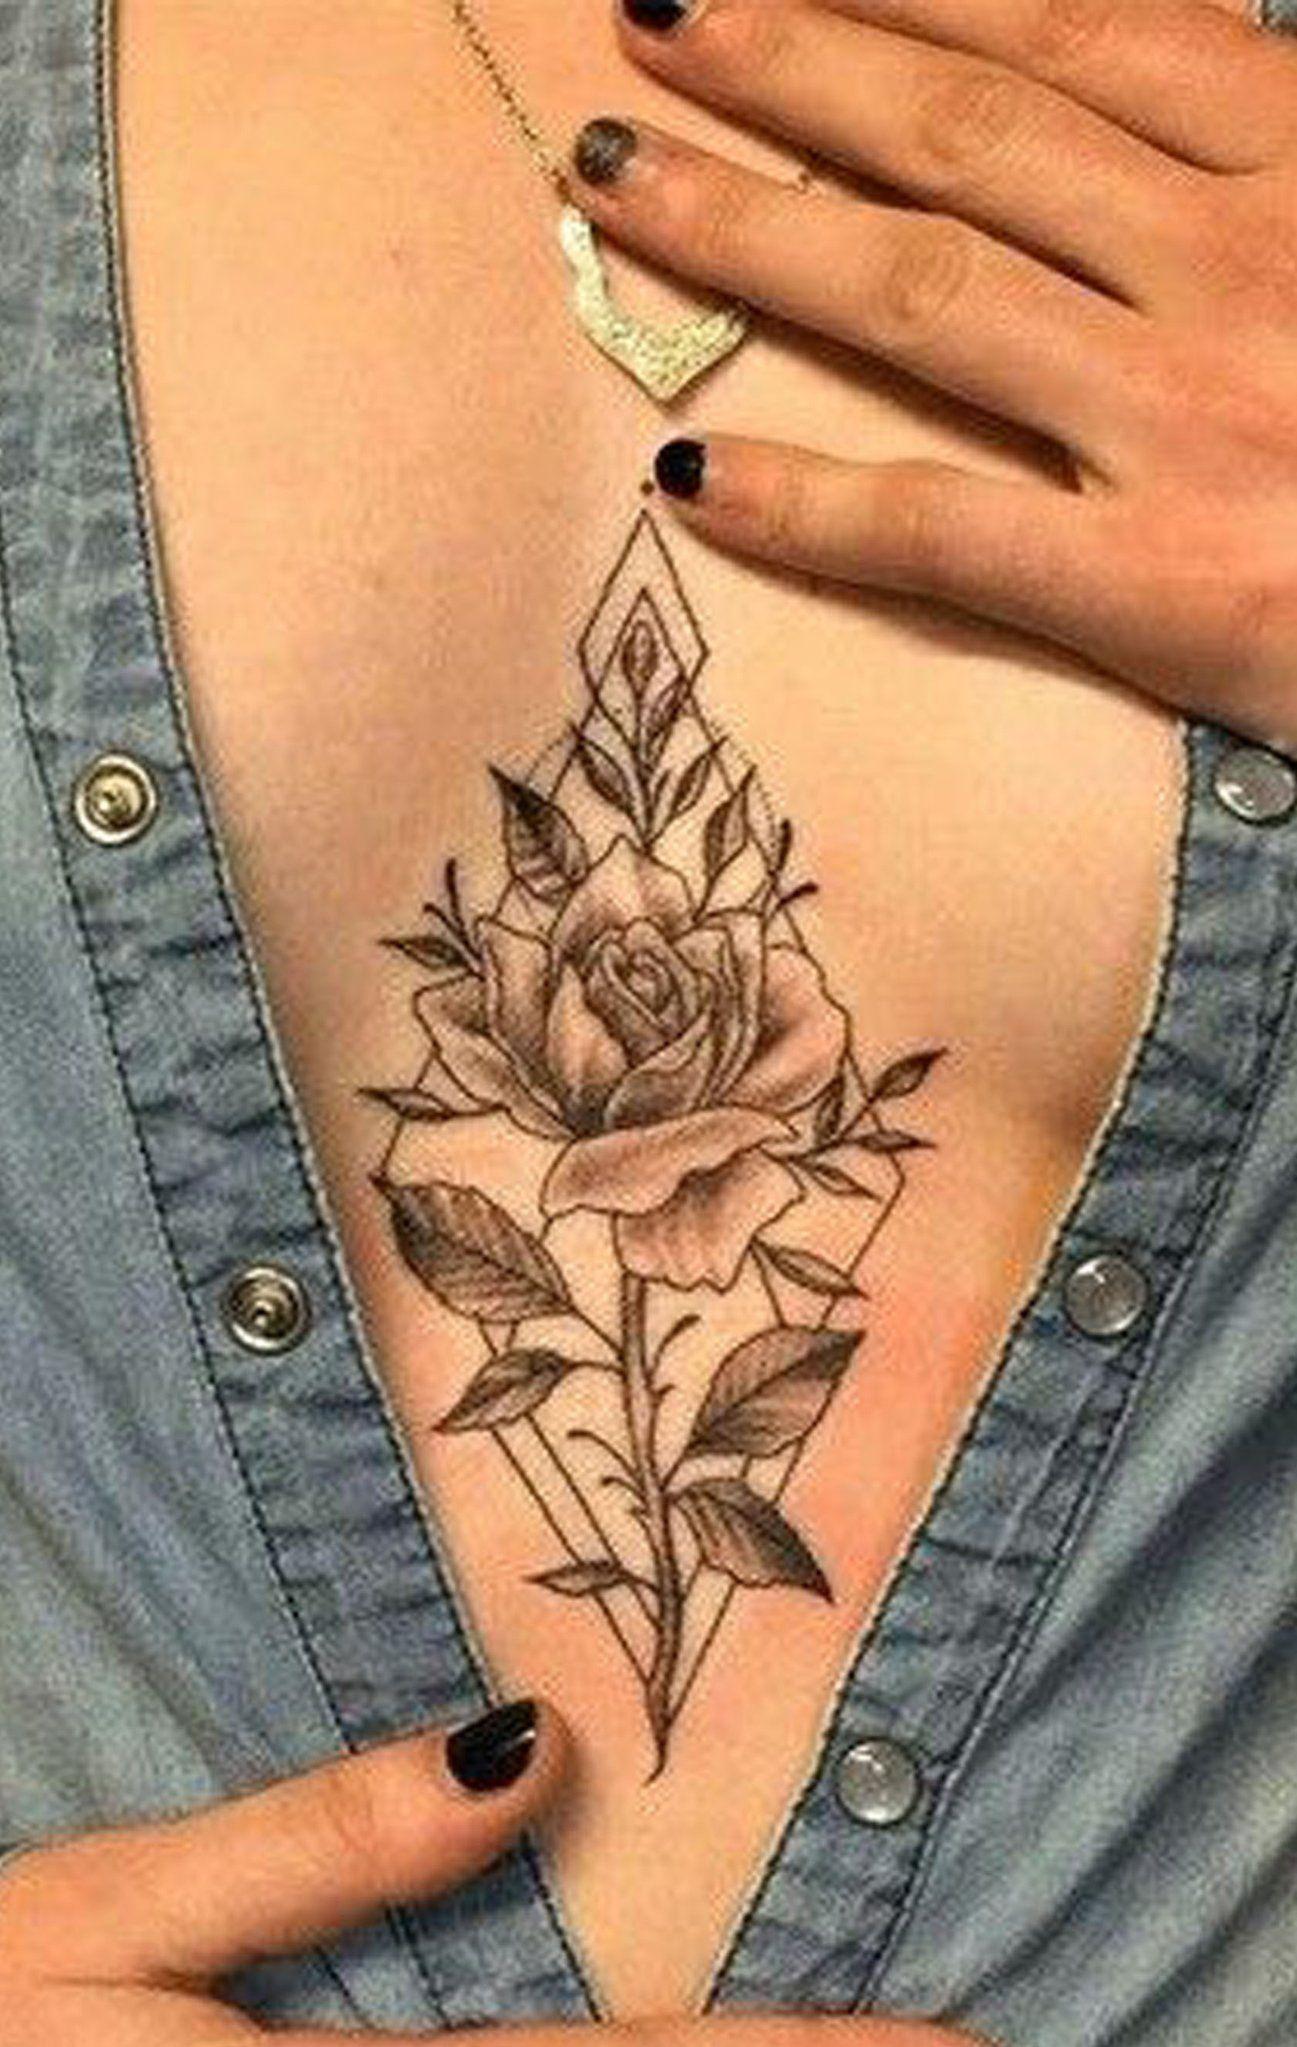 Vintage Wild Rose Sternum Tattoo Ideas For Women